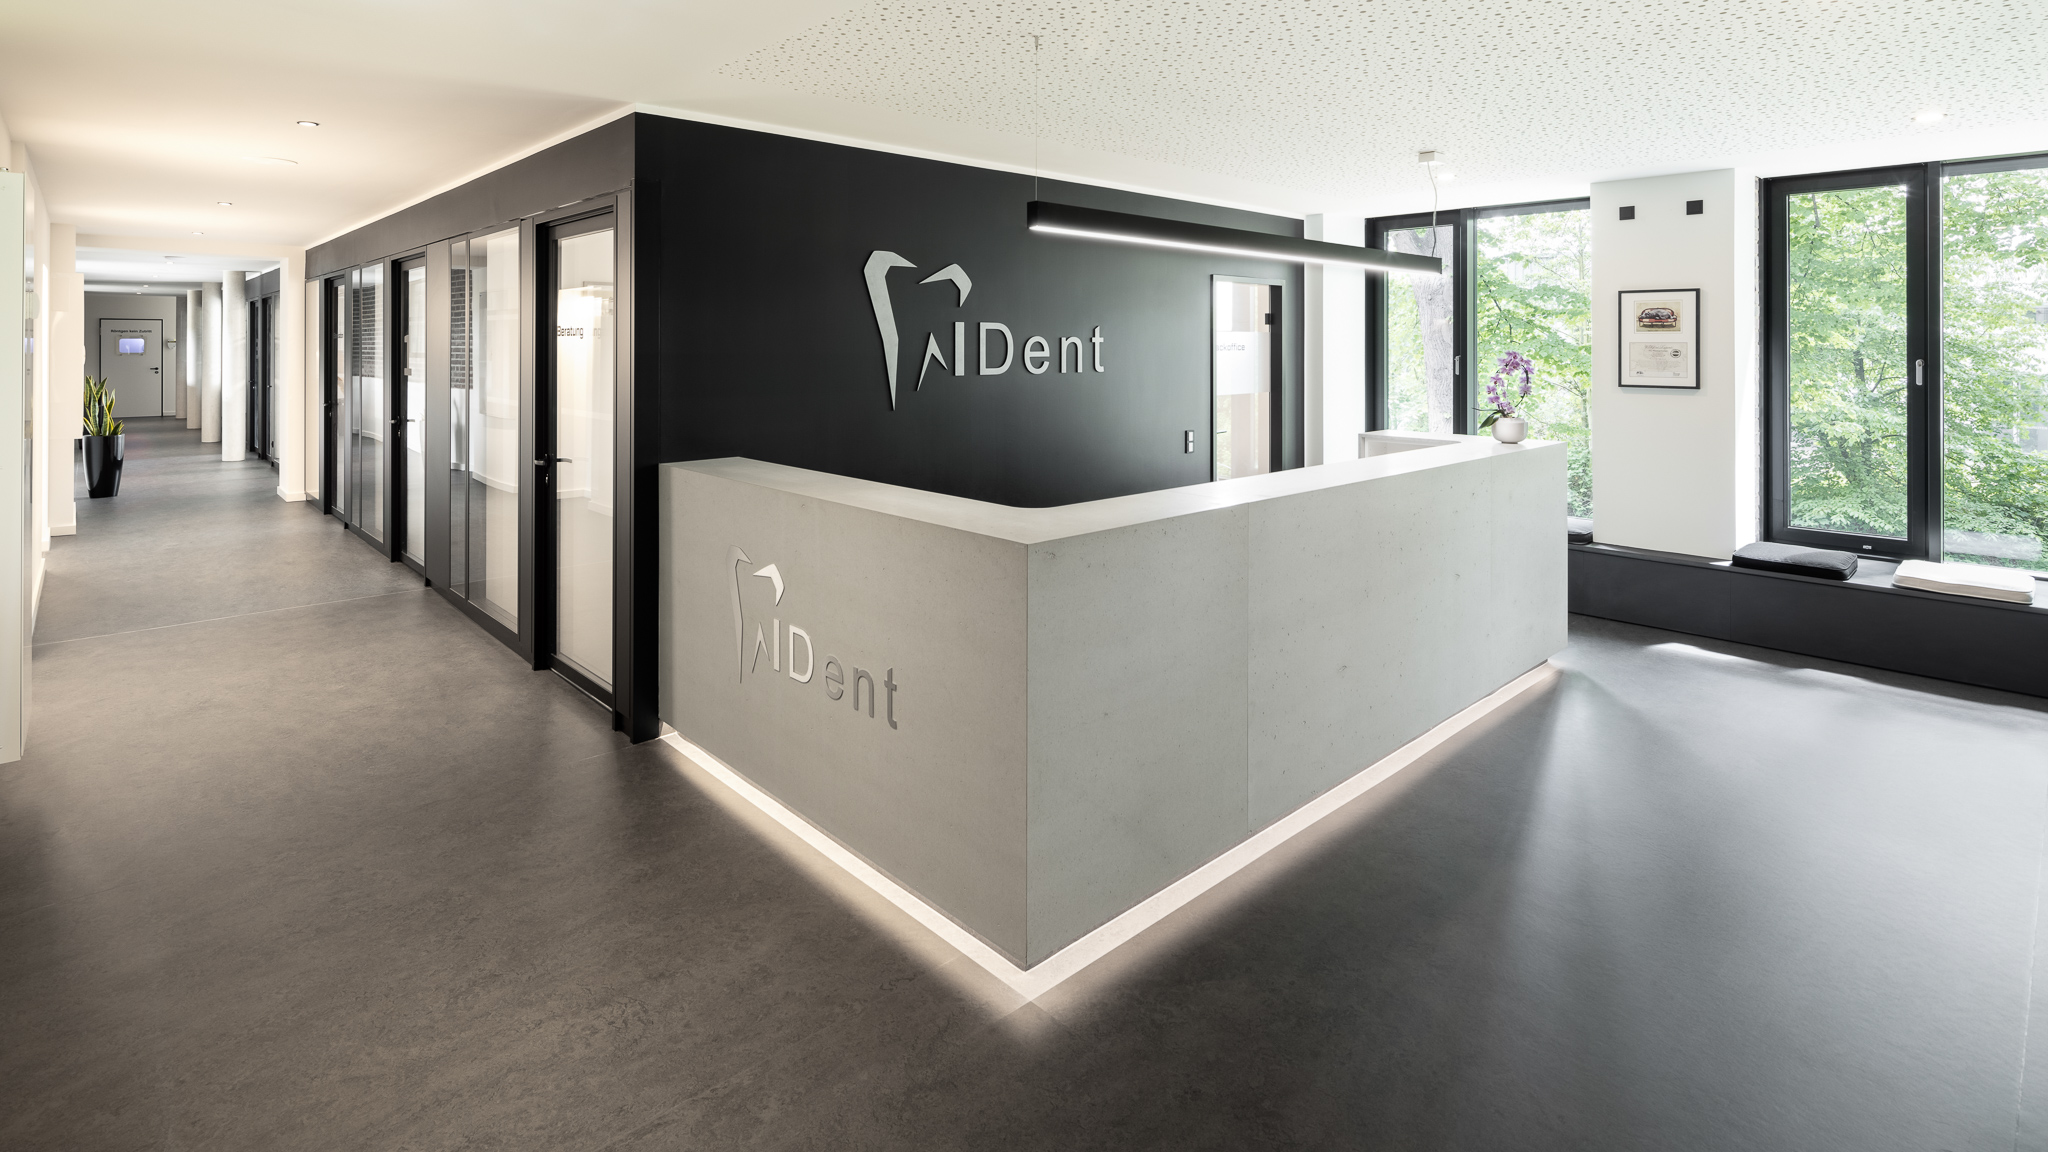 Ident Kassel Zahnarzt Eingang